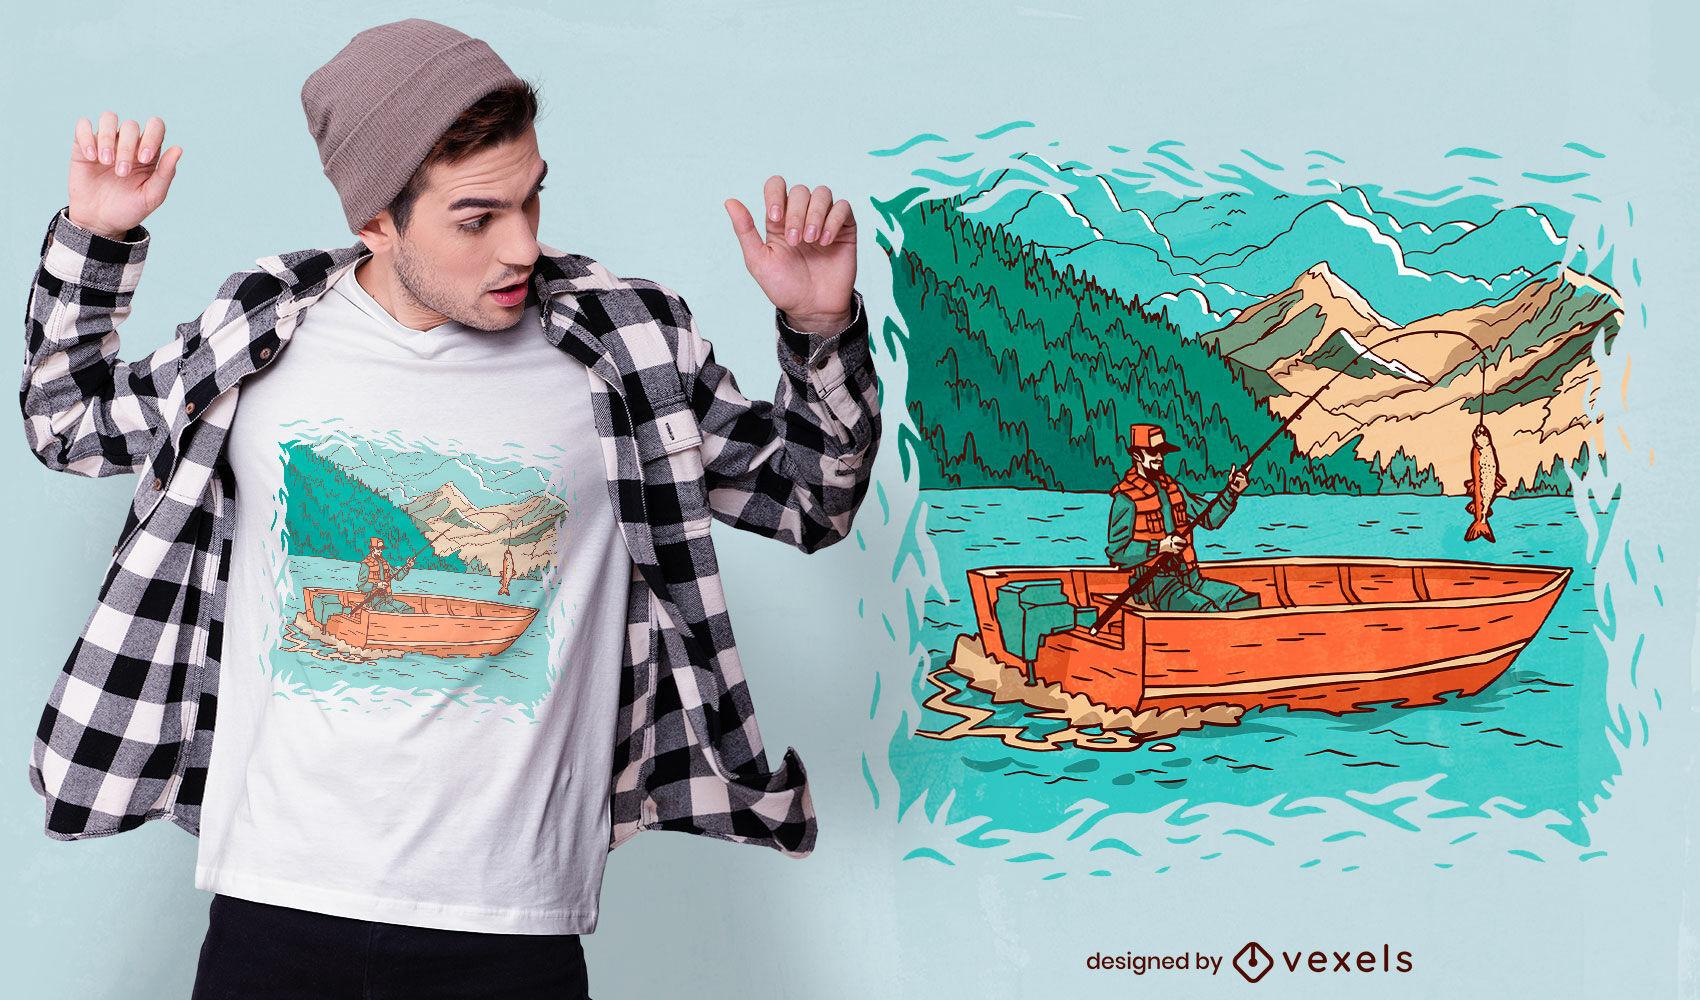 Pescador no design de t-shirt com ilustração de barco